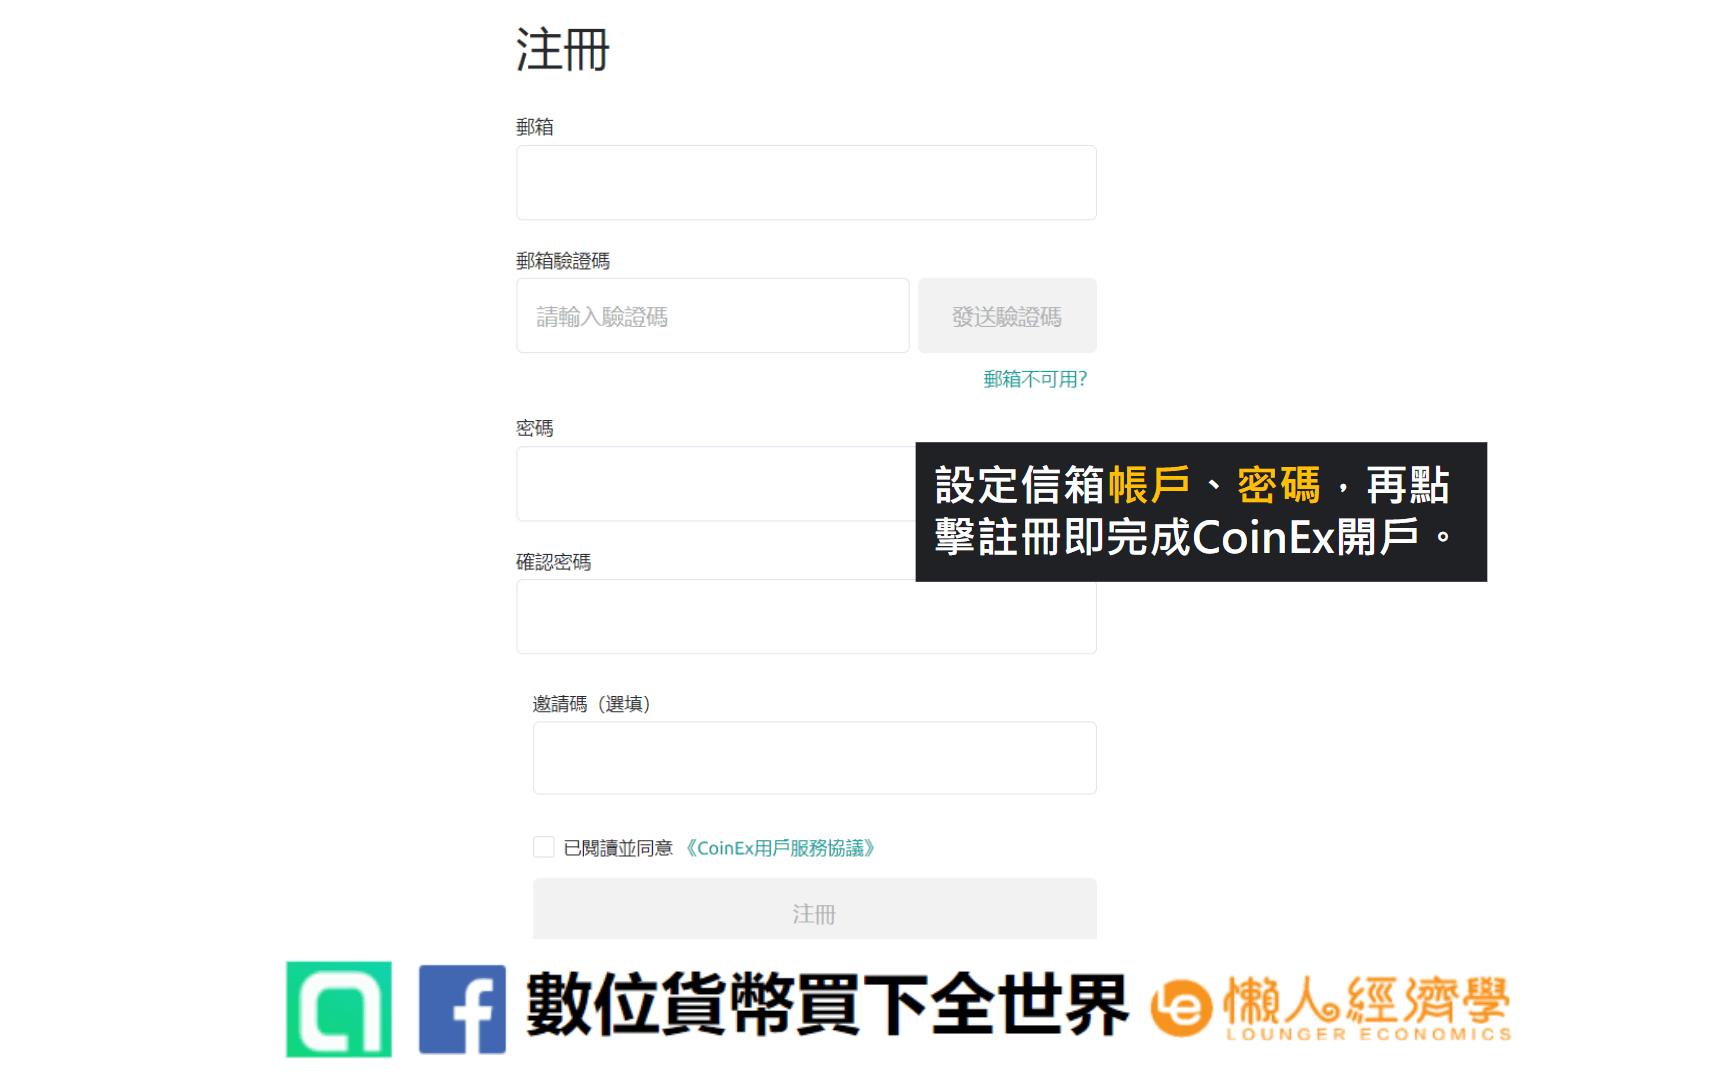 CoinEx交易所 註冊教學:註冊信箱帳戶與密碼